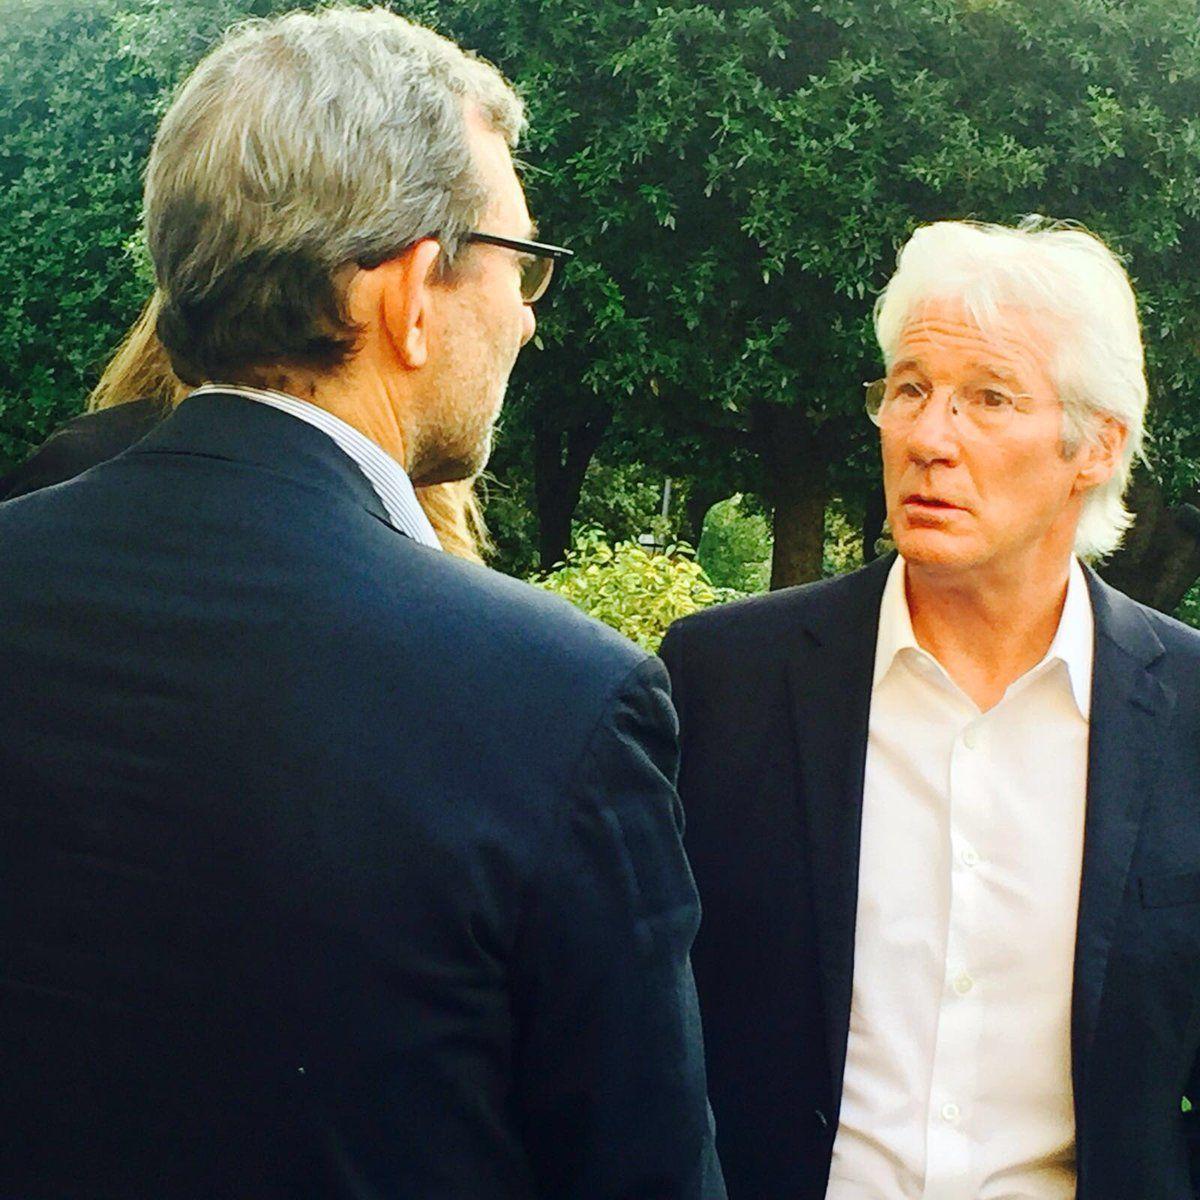 Ballottaggio Roma 2016, Roberto Giachetti con Richard Gere